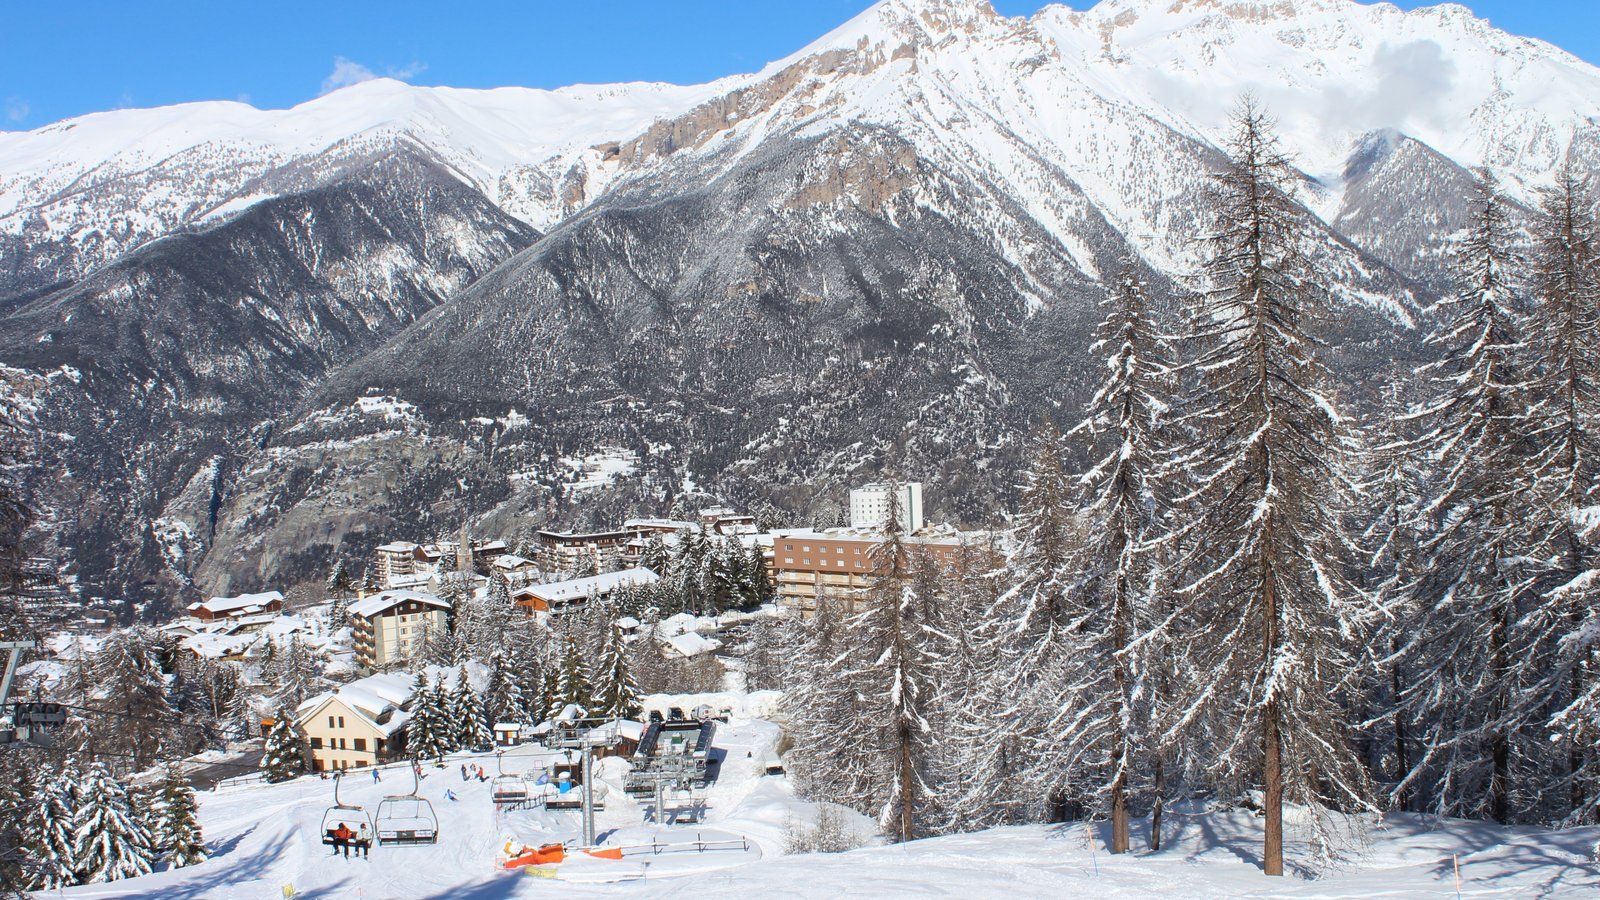 Sauze d\'Oulx mostrando nieve, montañas y una pequeña ciudad o pueblo